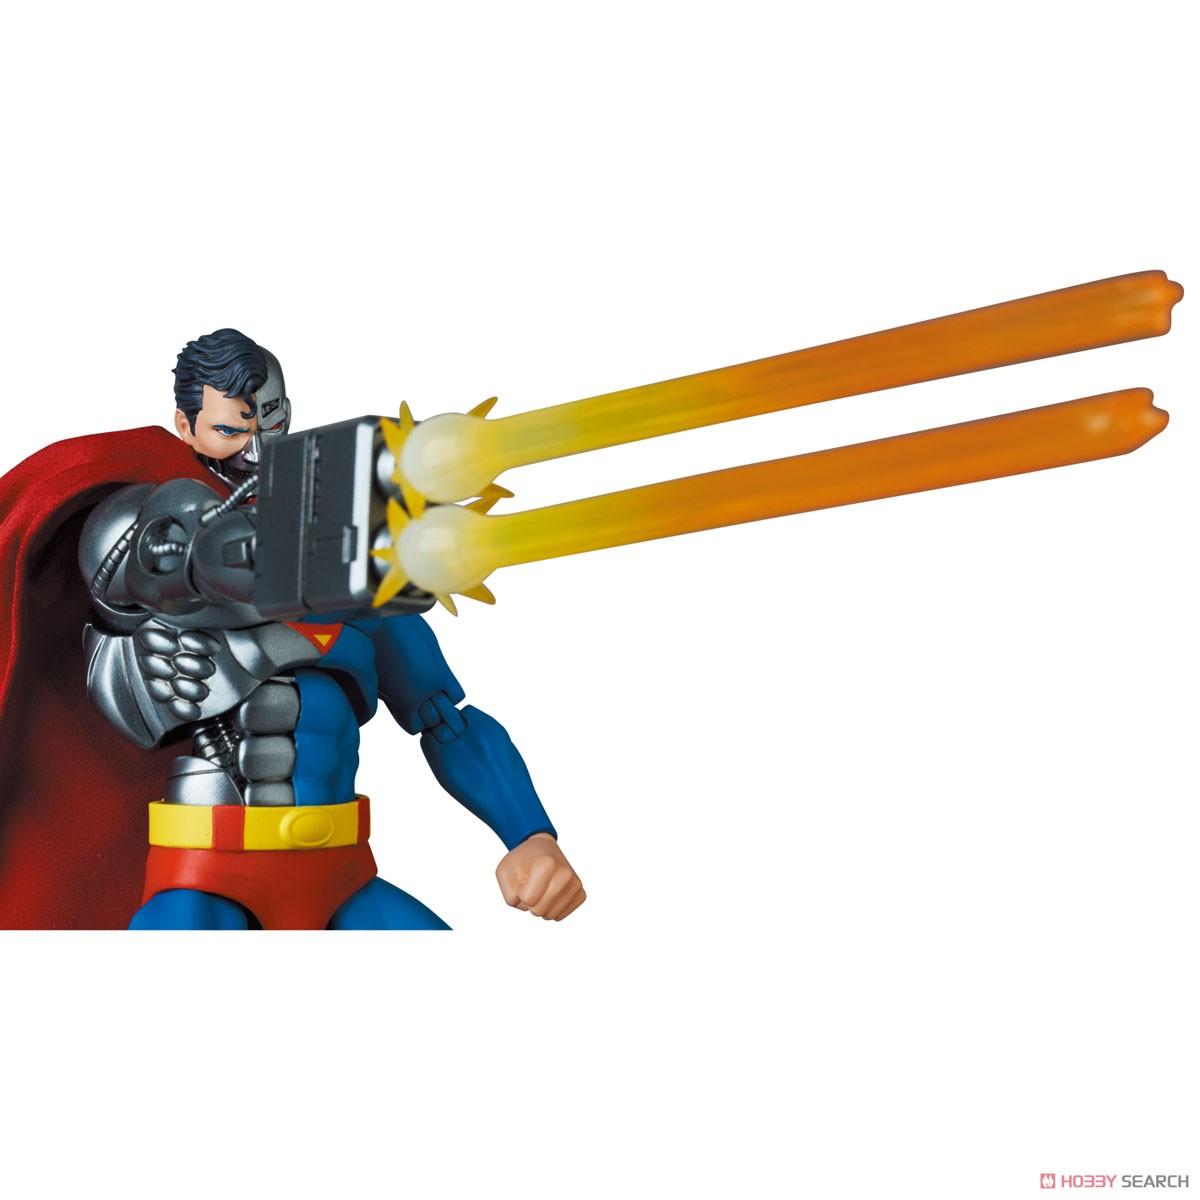 マフェックス No.164 MAFEX『サイボーグ スーパーマン/CYBORG SUPERMAN(RETURN OF SUPERMAN)』リターン・オブ・スーパーマン 可動フィギュア-012